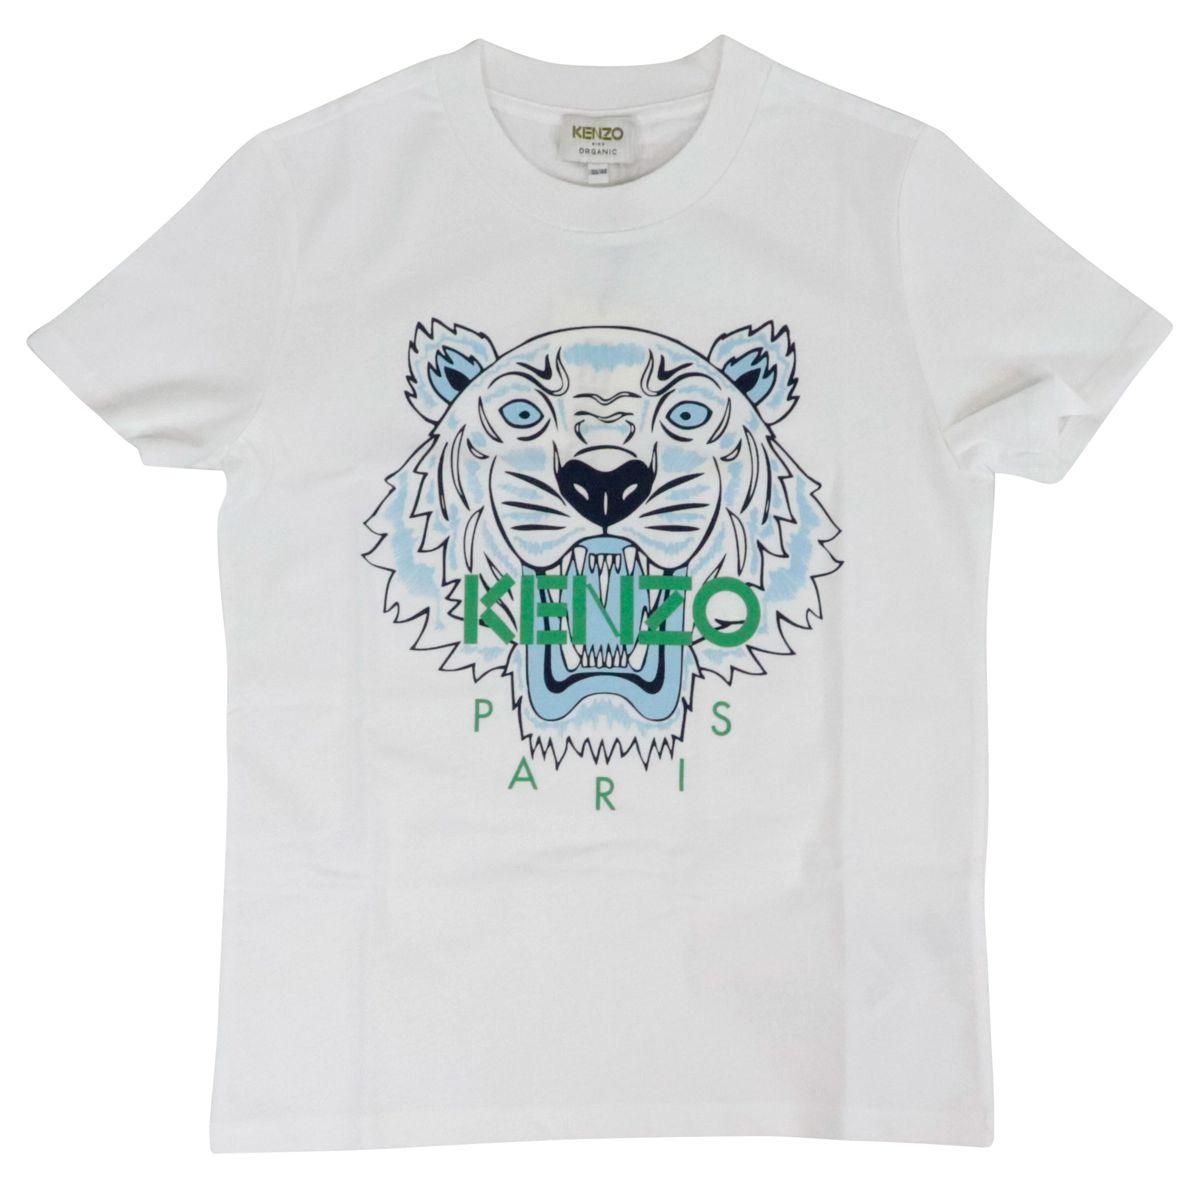 T-shirt in cotone con stampa tigre Bianco ottico Kenzo